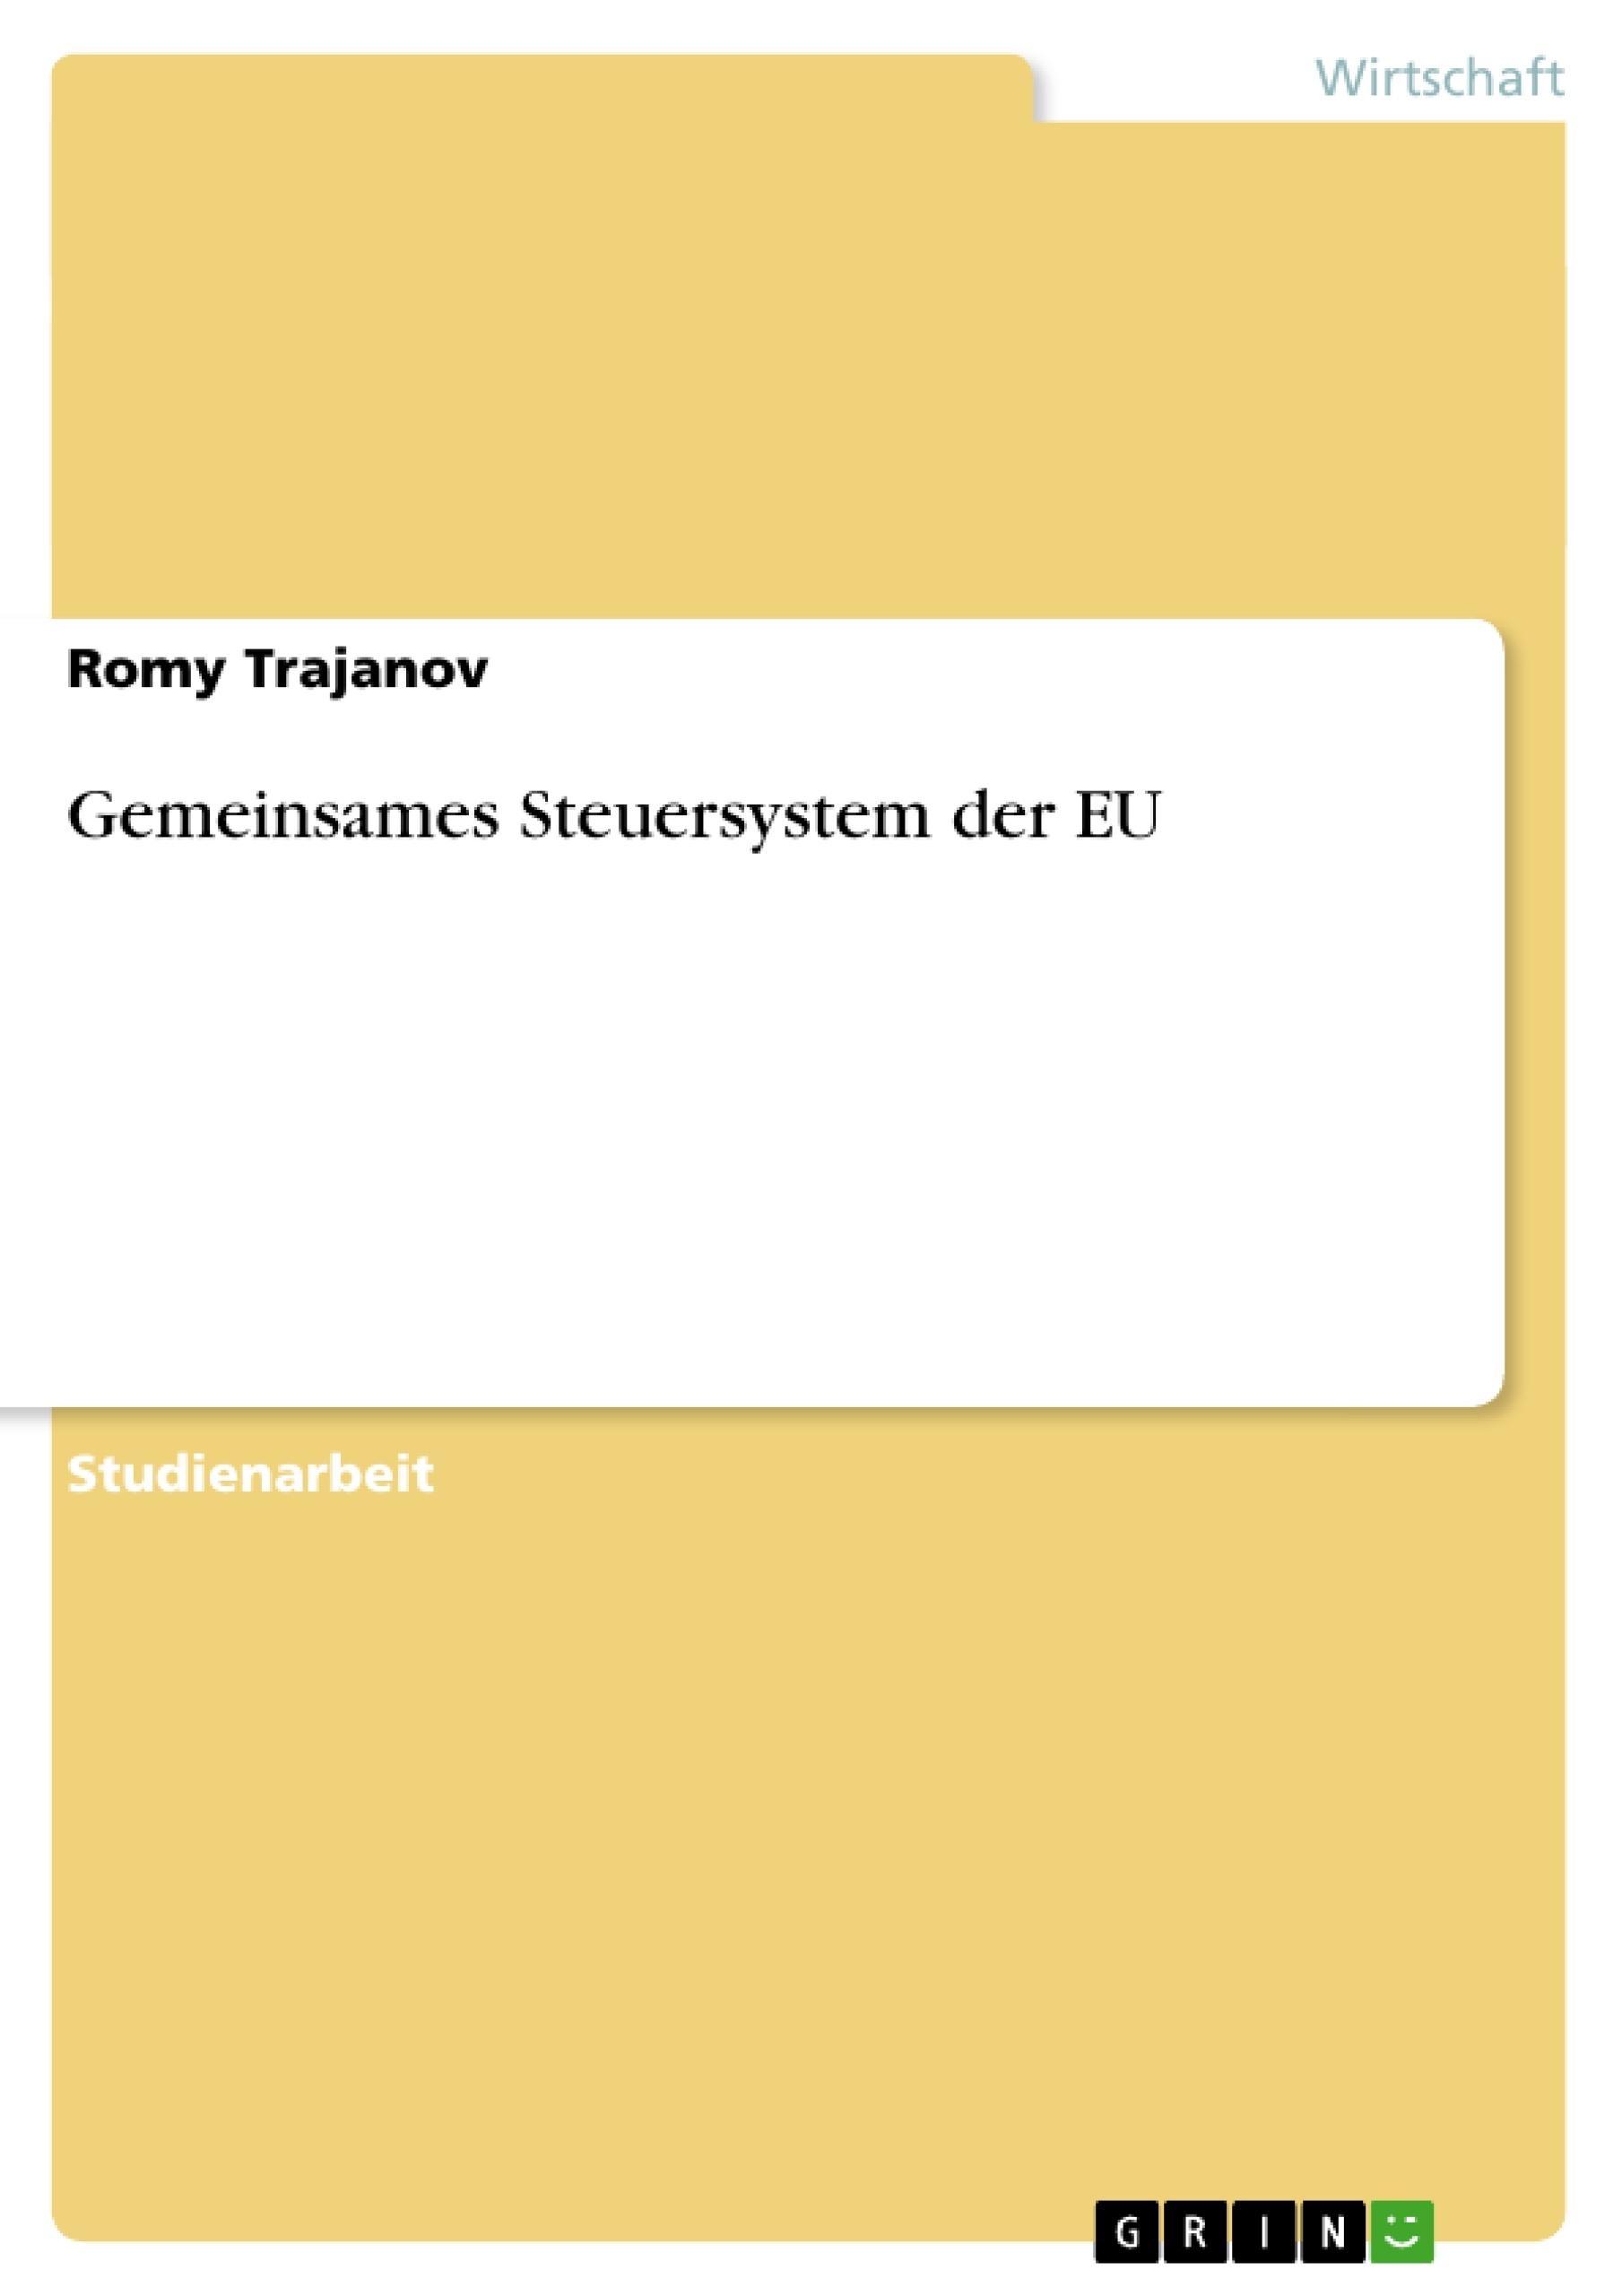 Titel: Gemeinsames Steuersystem der EU